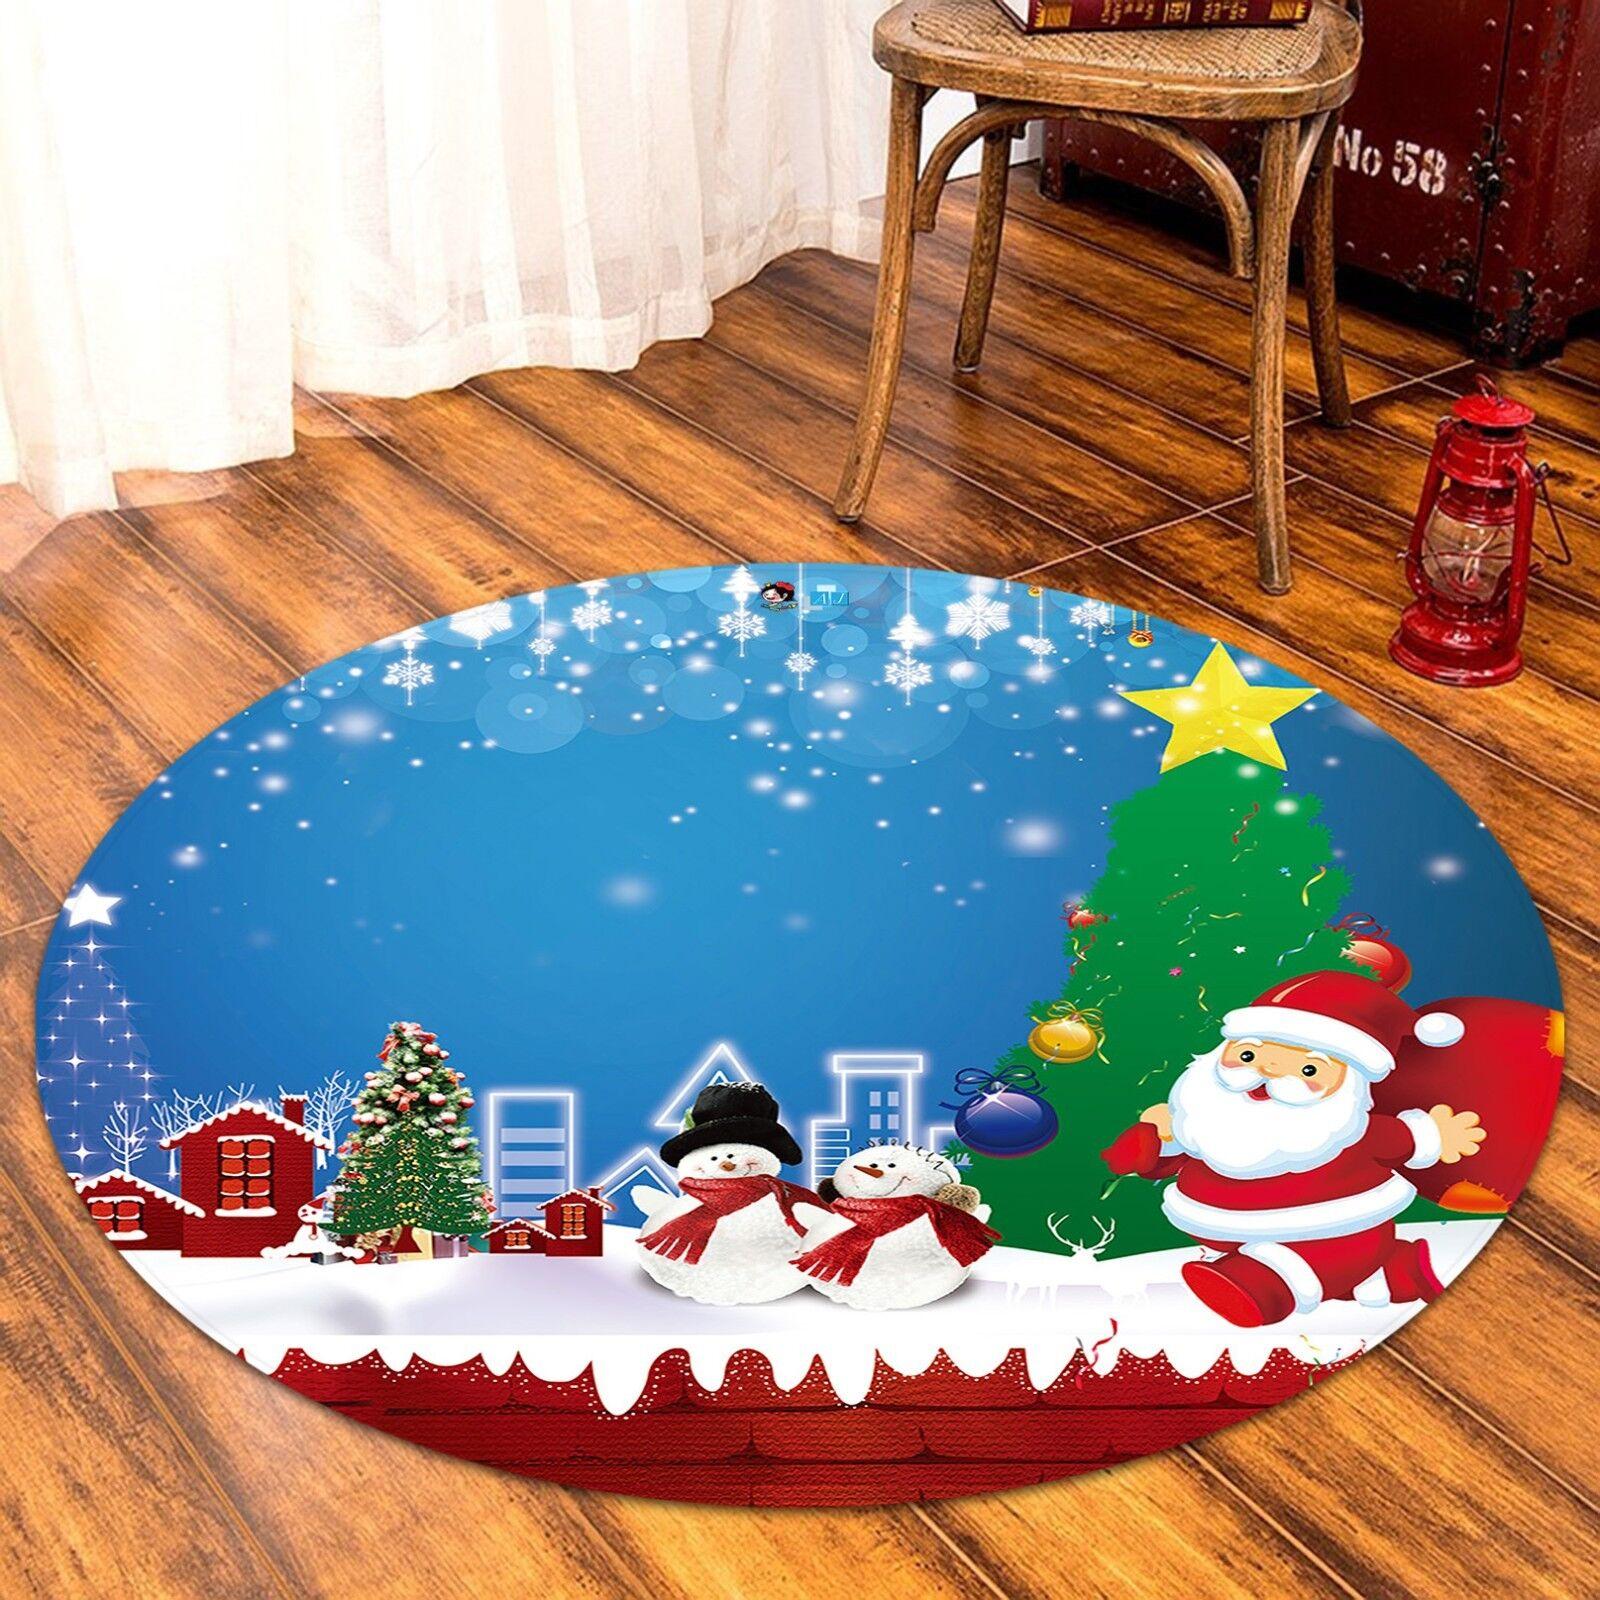 3D Christmas  Xmas 463 Non Slip Rug Mat Room Mat Round Elegant Photo Carpet AU